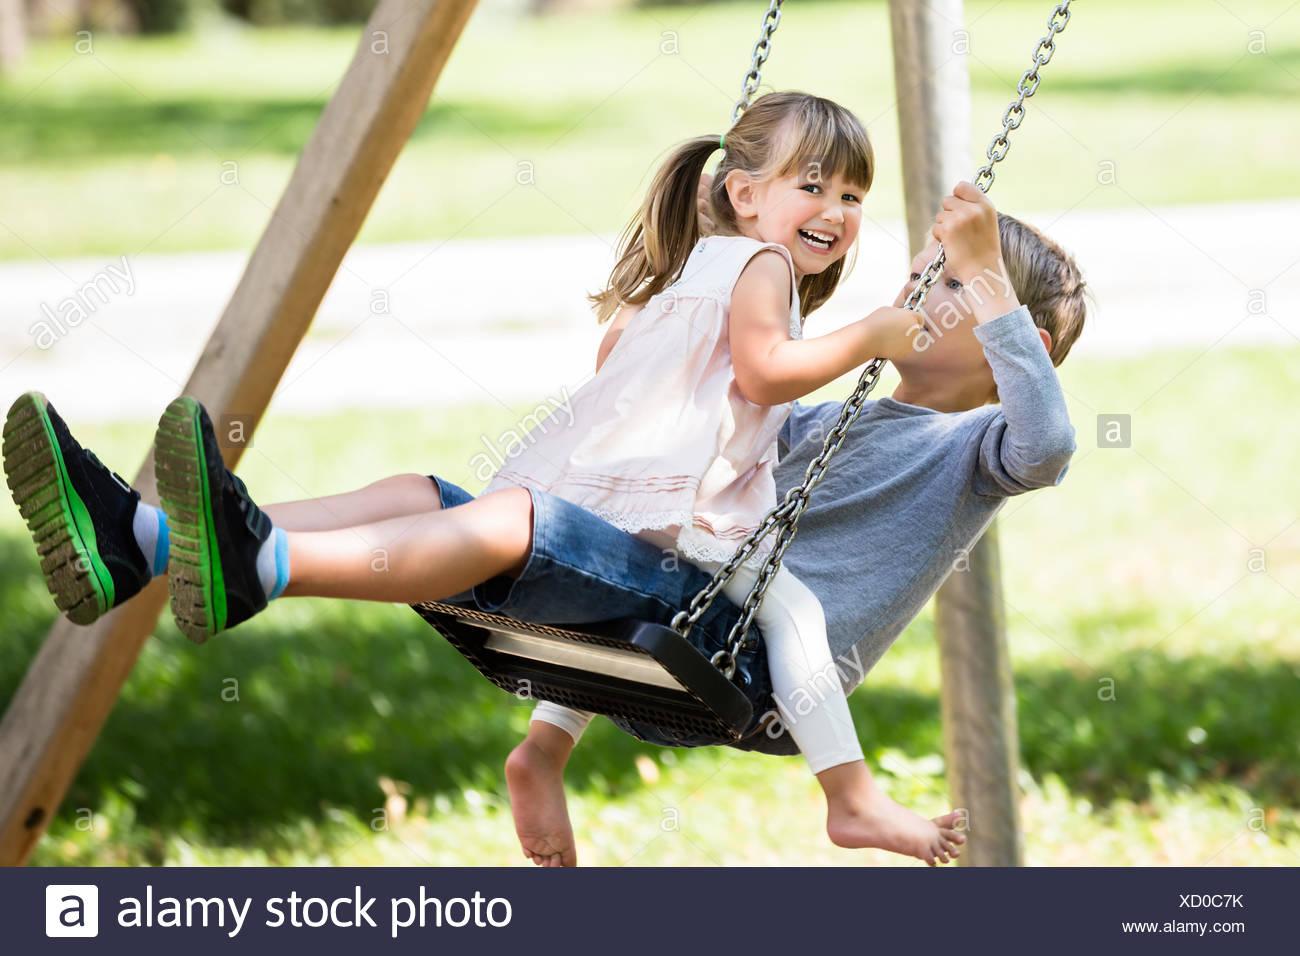 Frère et Sœur bénéficiant sur Swing dans le parc Photo Stock